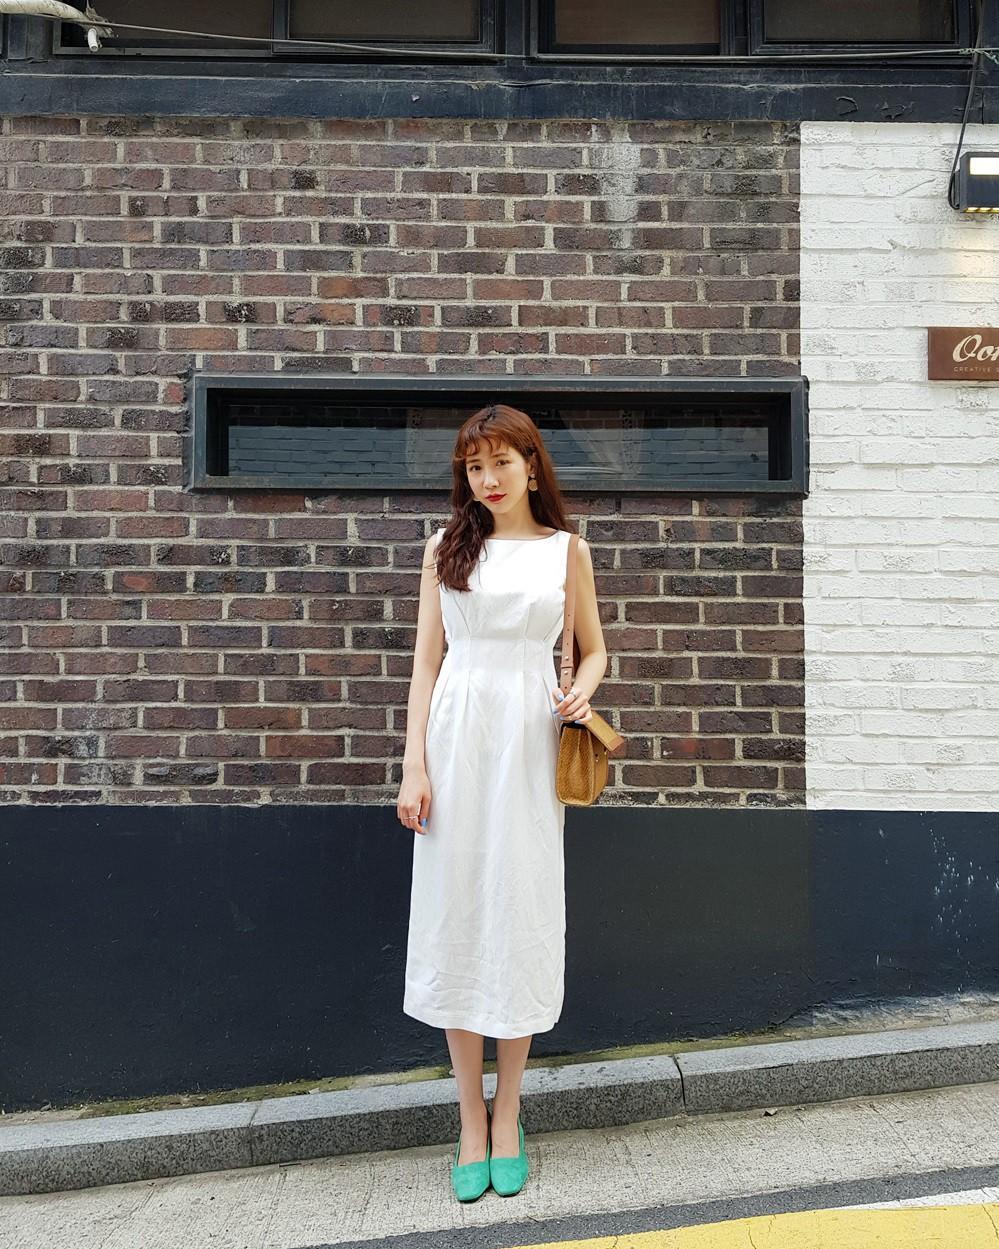 6 items thời trang các quý cô ngoài 30 tuổi cần có để thật xinh đẹp và cuốn hút trong mọi hoàn cảnh - Ảnh 6